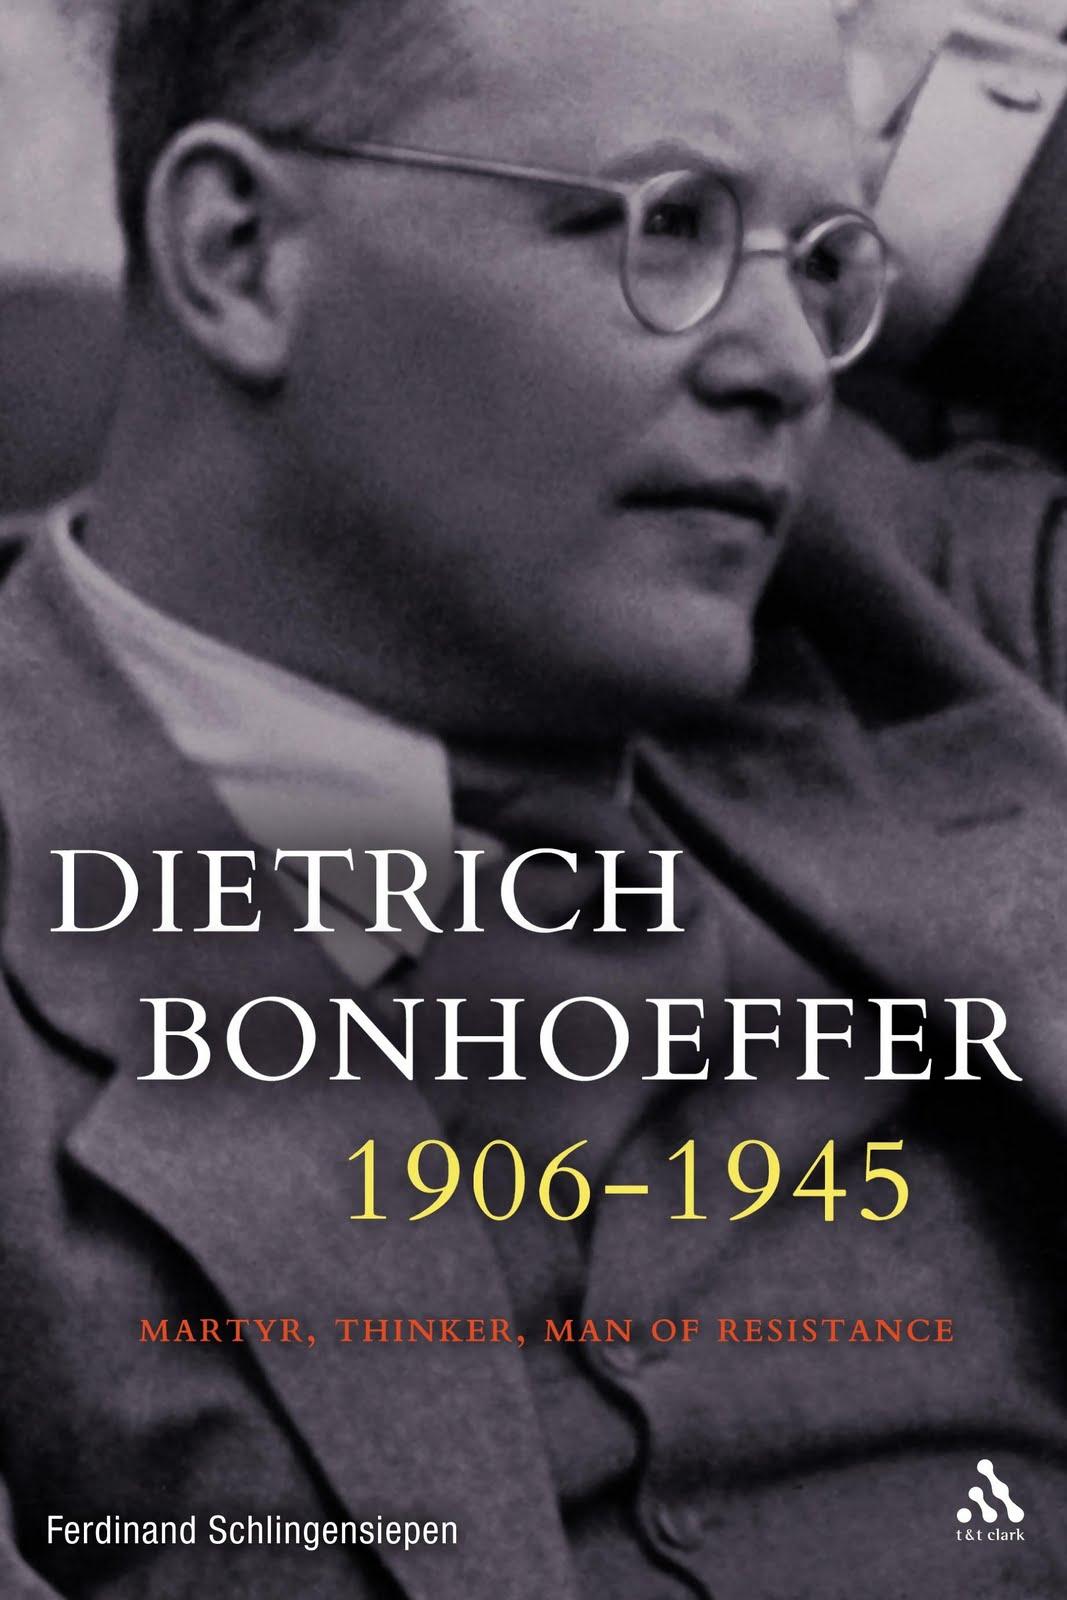 Dietrich Bonhoeffer's quote #6